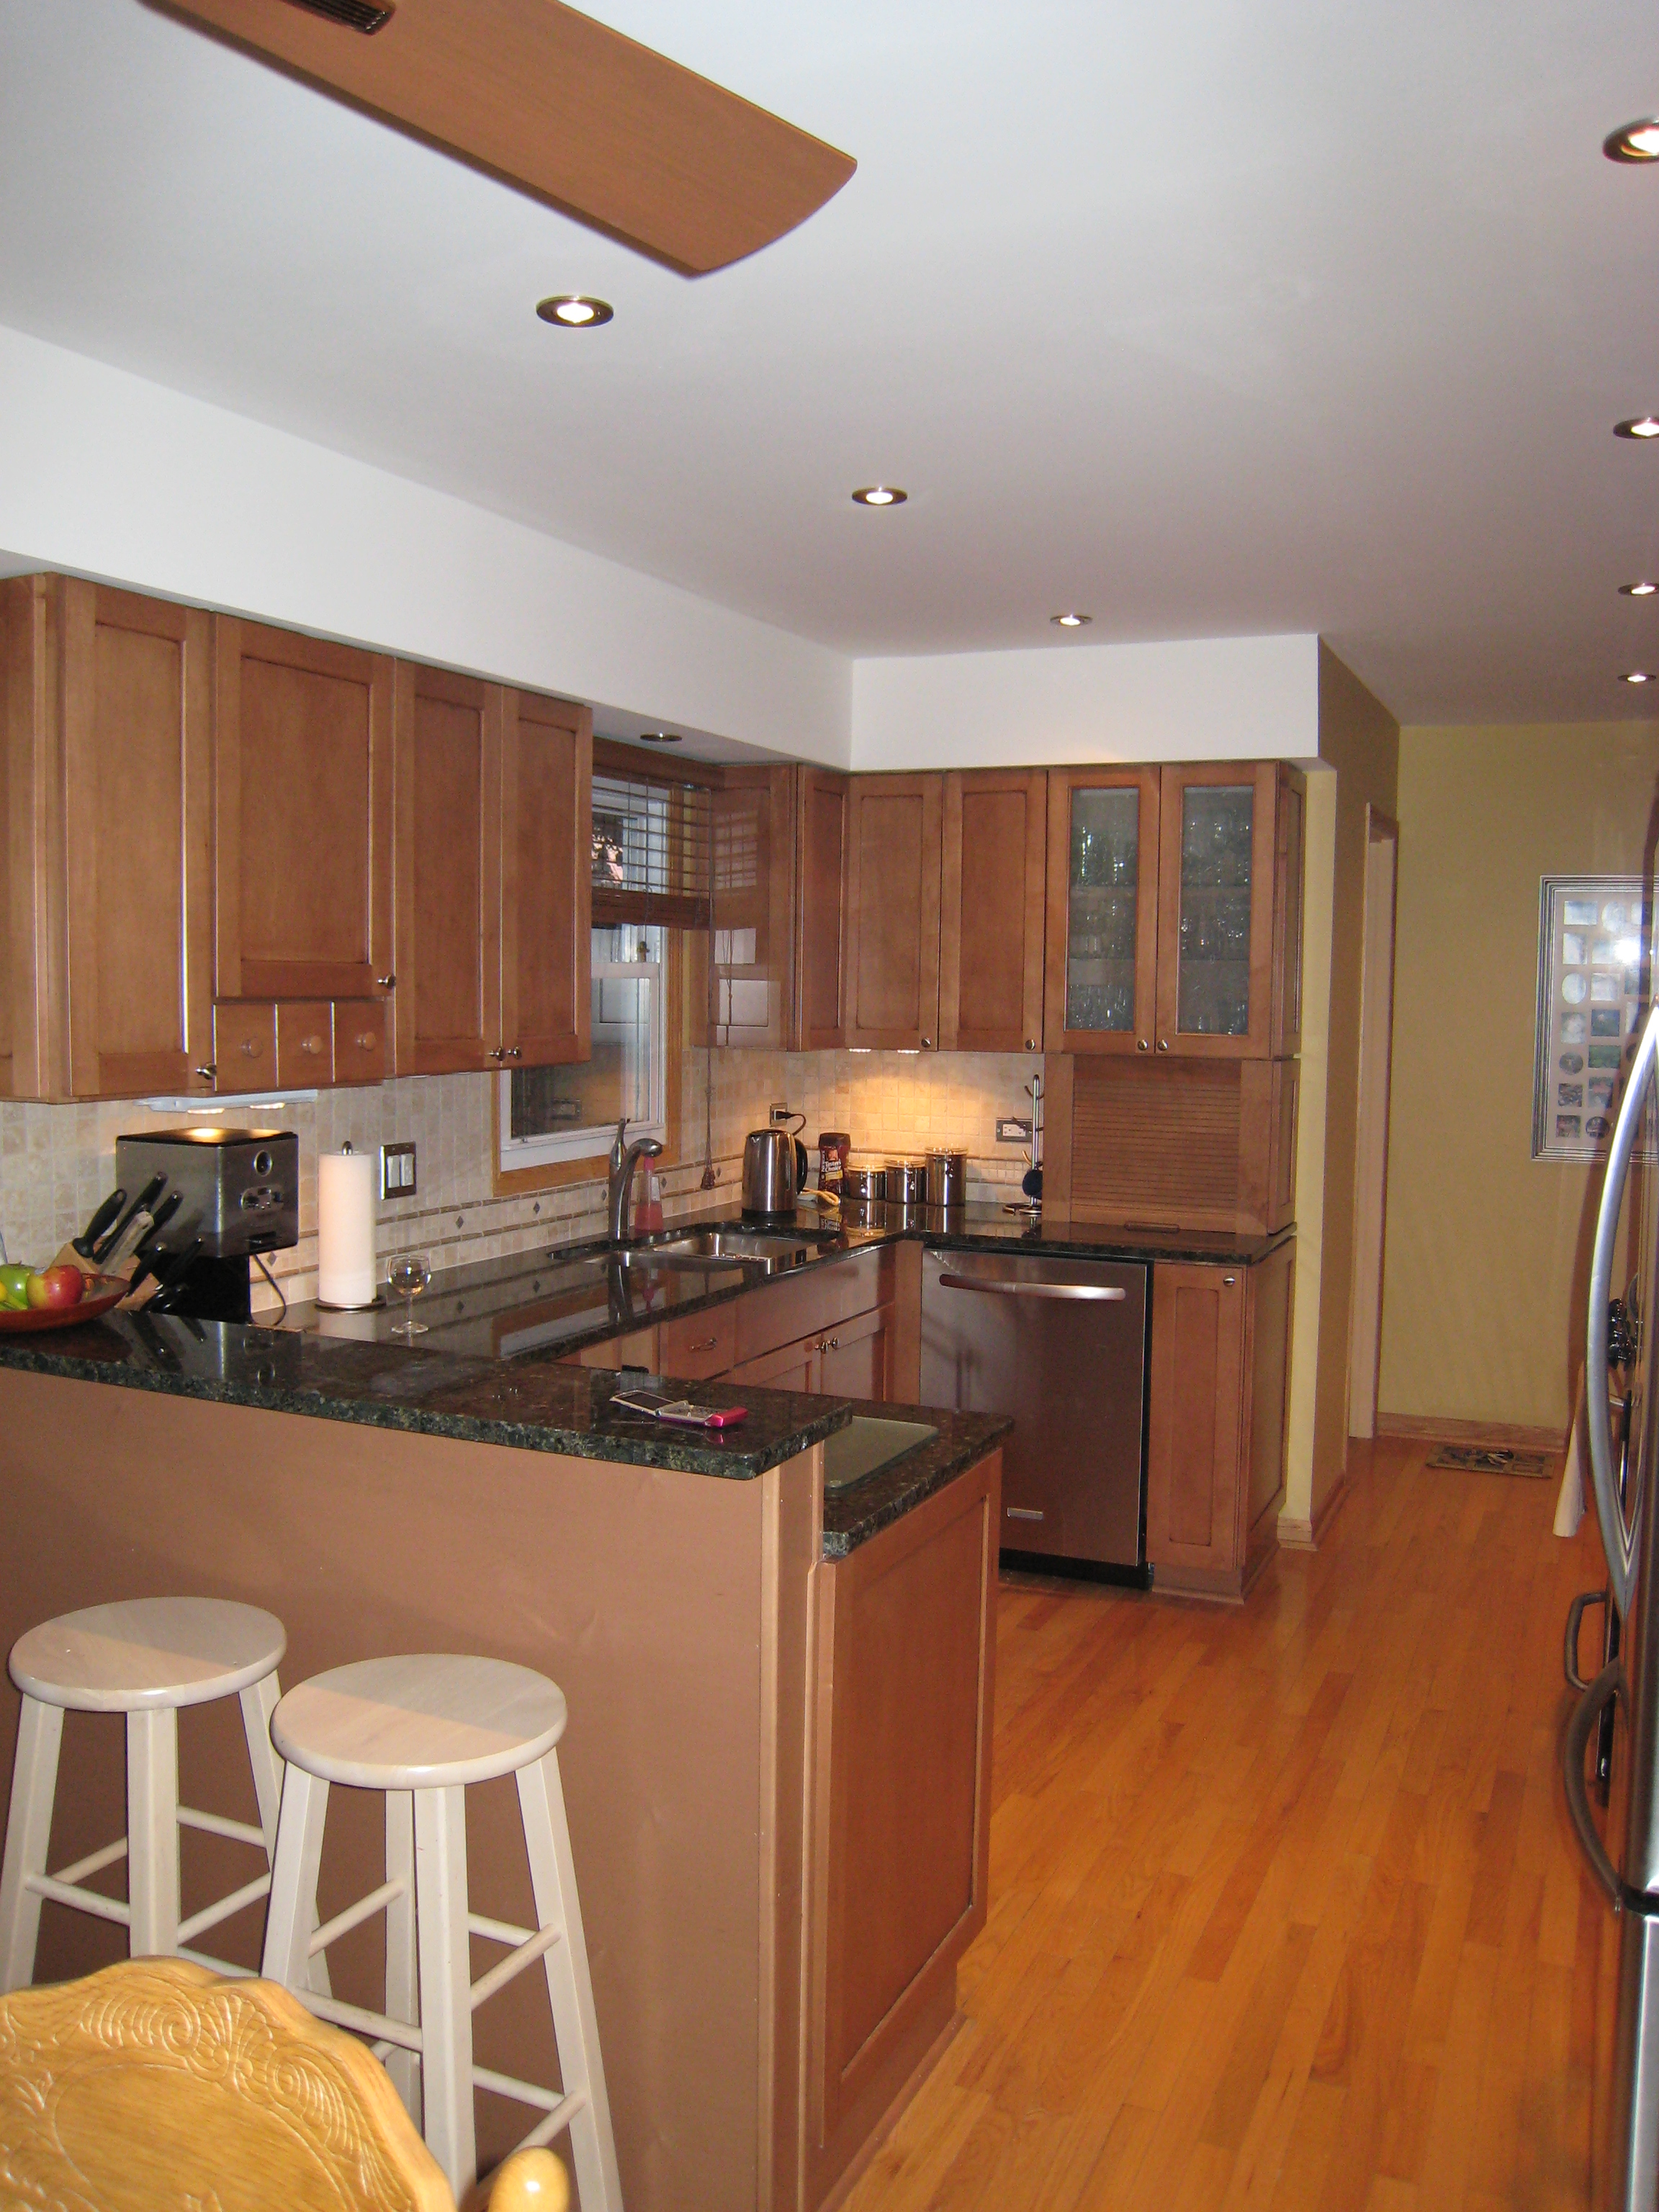 2007 Nov Kitchen Etc 035.JPG